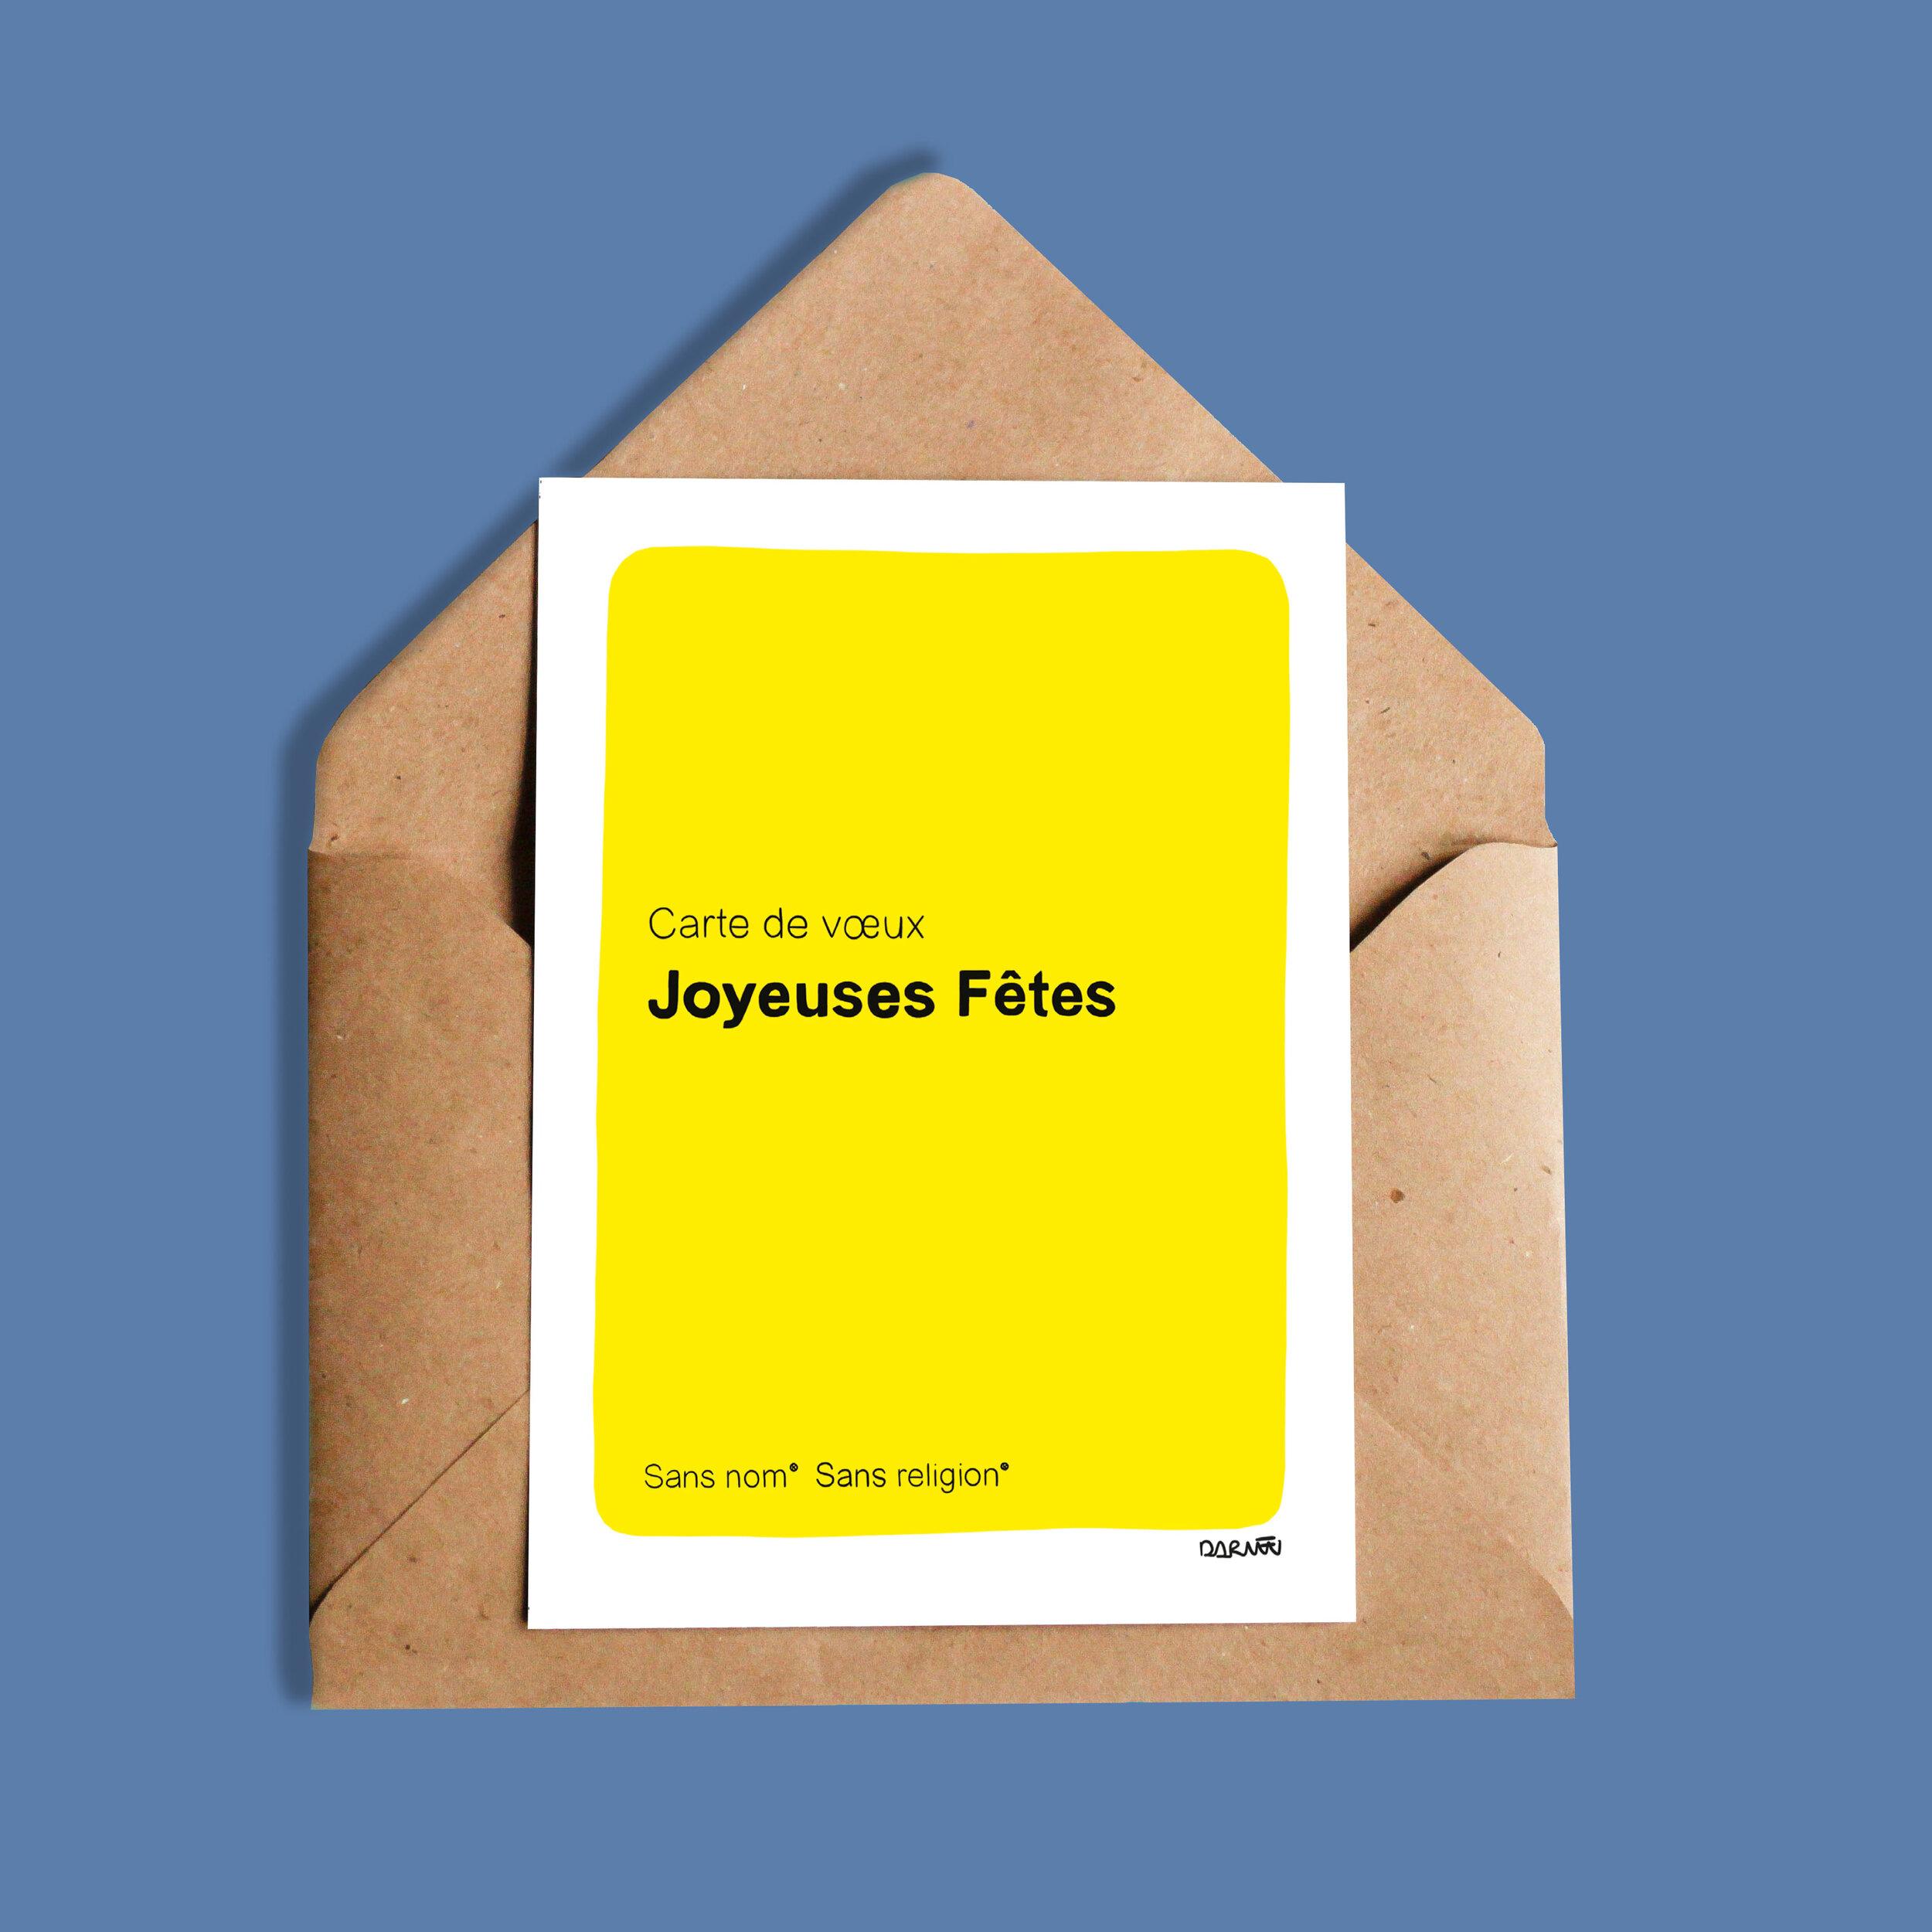 Darvee   Carte de voeux - Joyeuses Fêtes - Sans nom - Sans religion